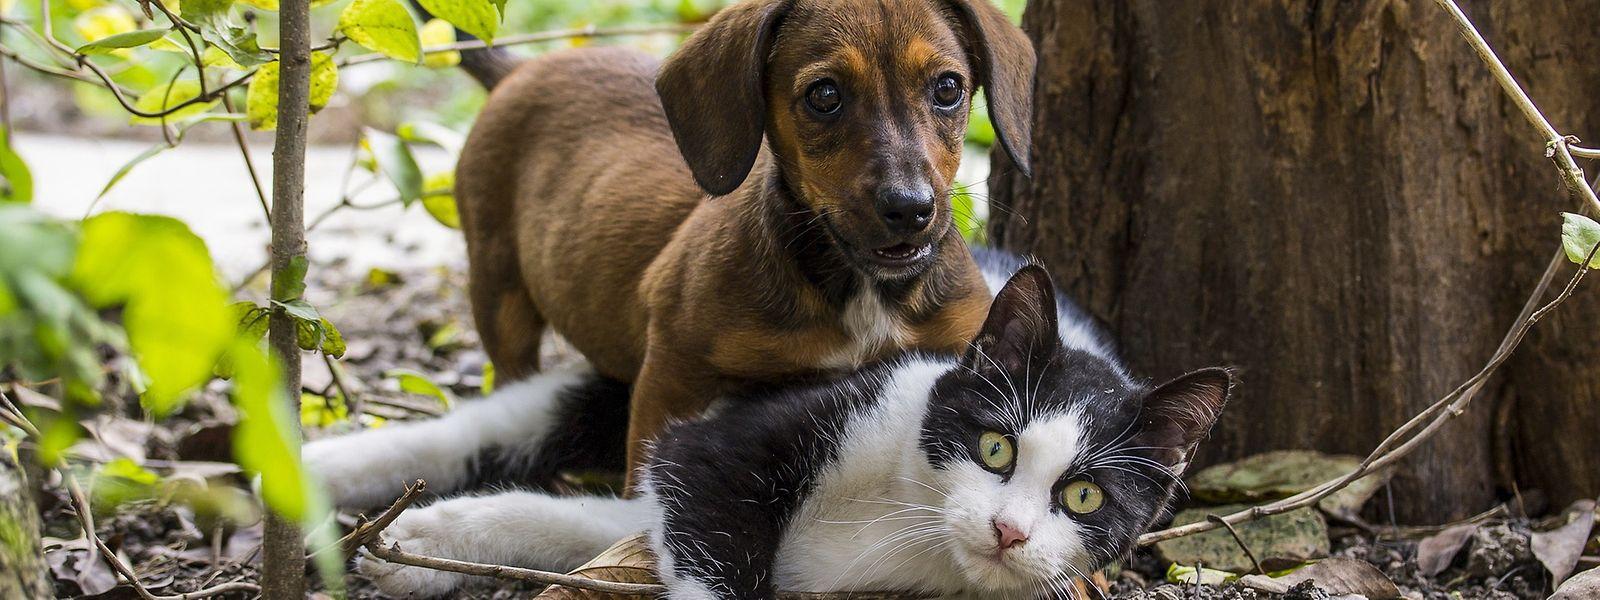 Sur les quelque 500 chiens et chats testés par le LIH dans le cadre de son étude Colide, 120 se sont révélés positifs au covid-19.